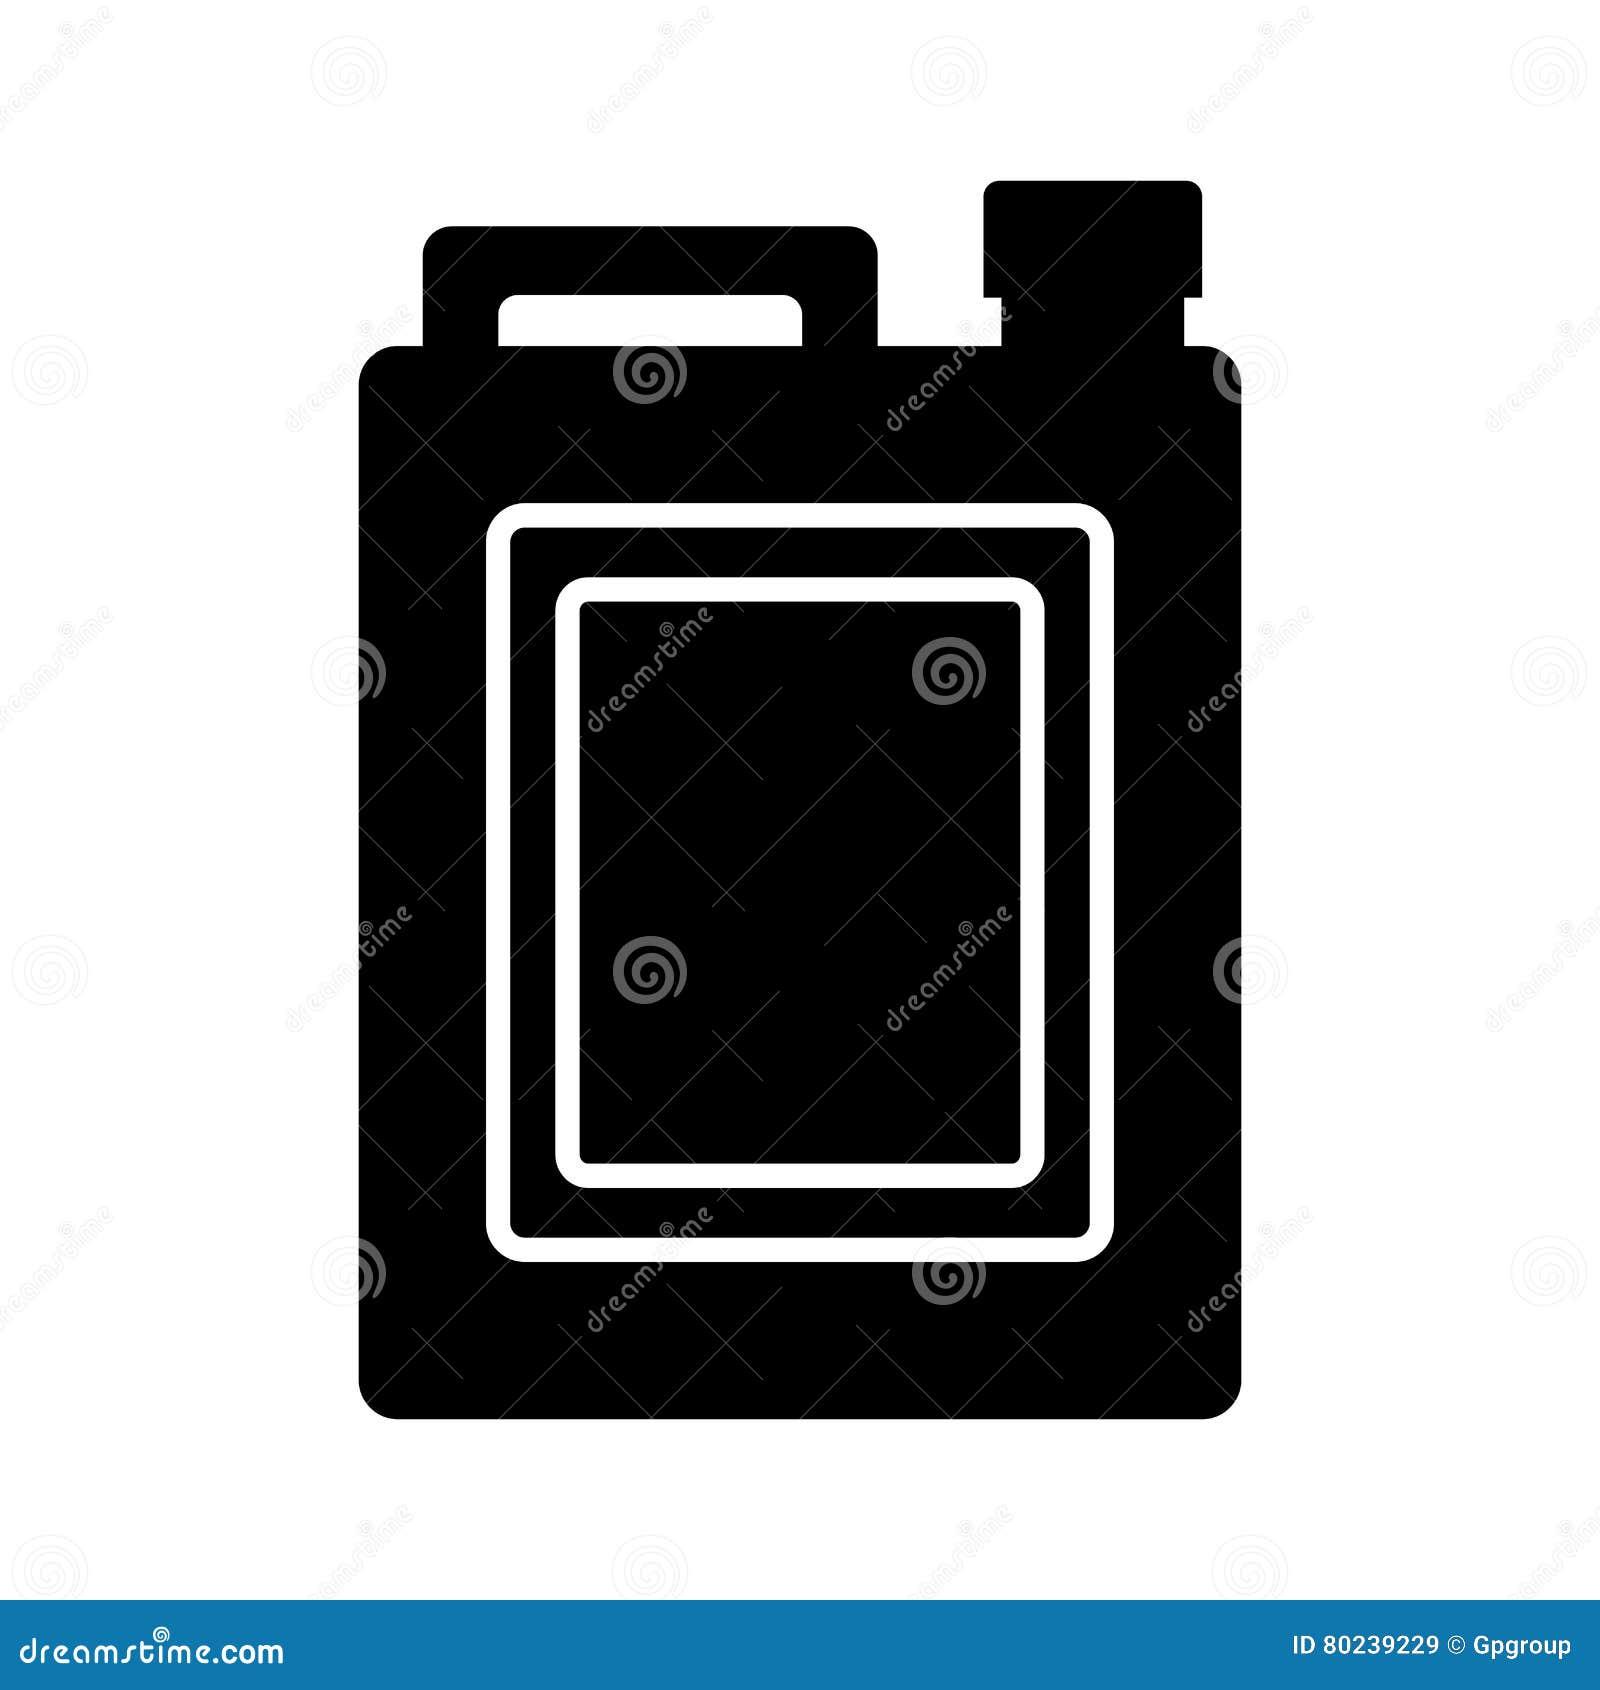 Oil gallon icon